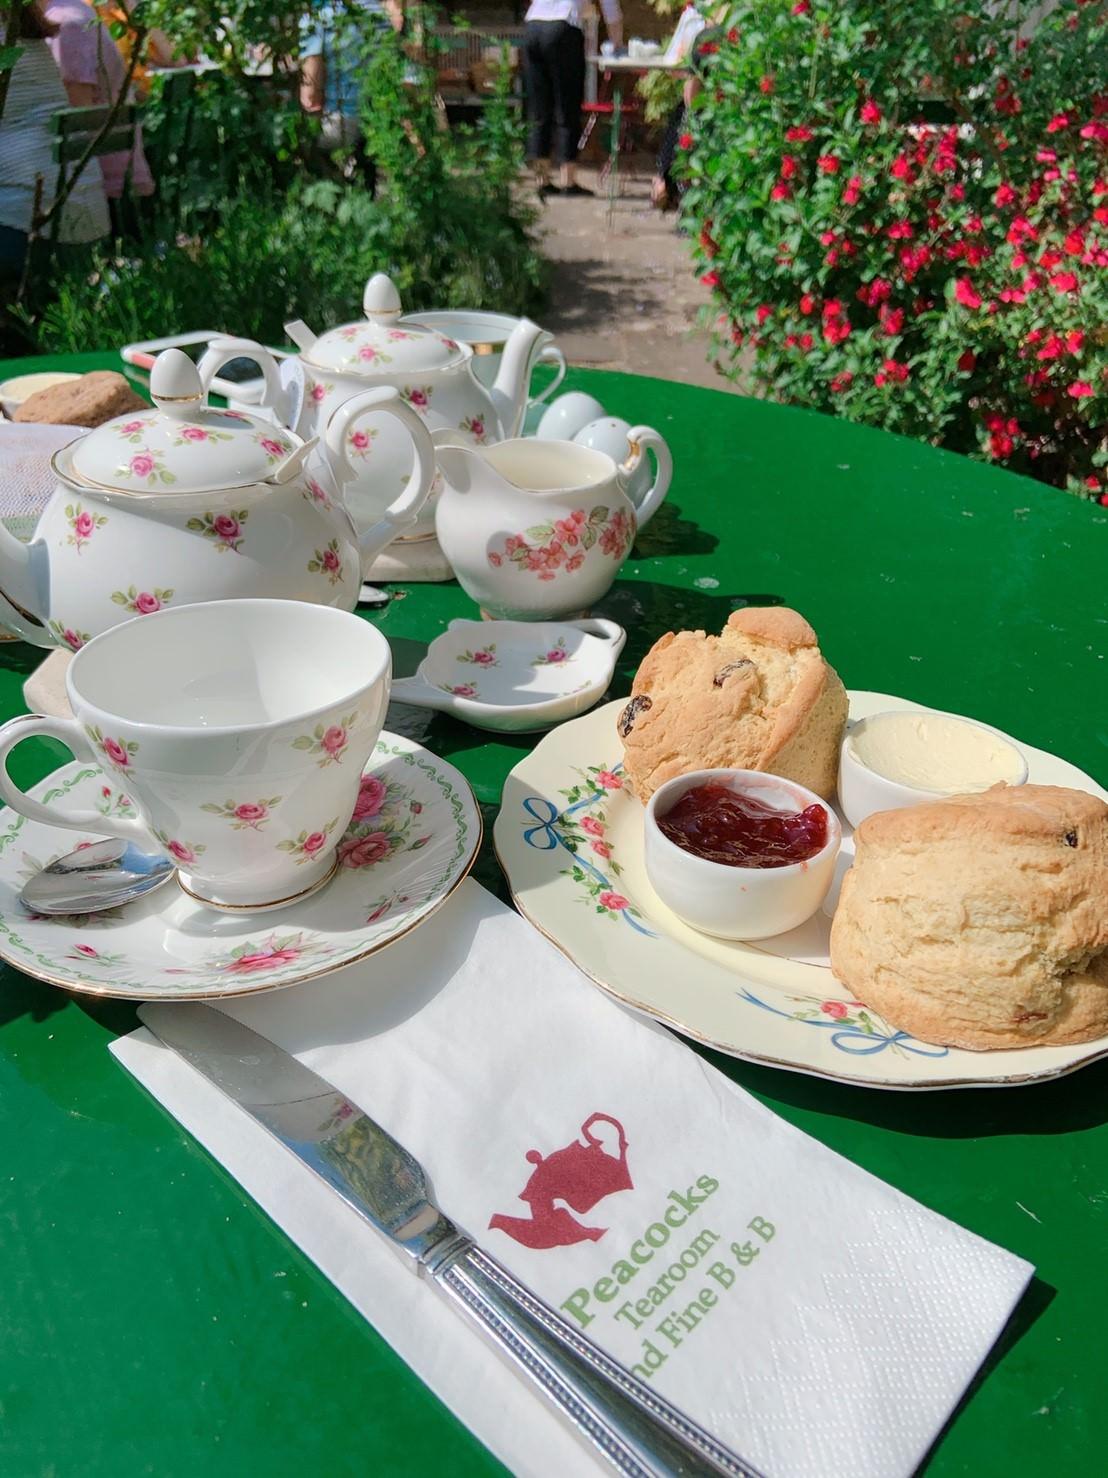 劍橋私房景點:英國最好吃司康在Ely伊利。孔雀茶屋Peacocks Tearoom